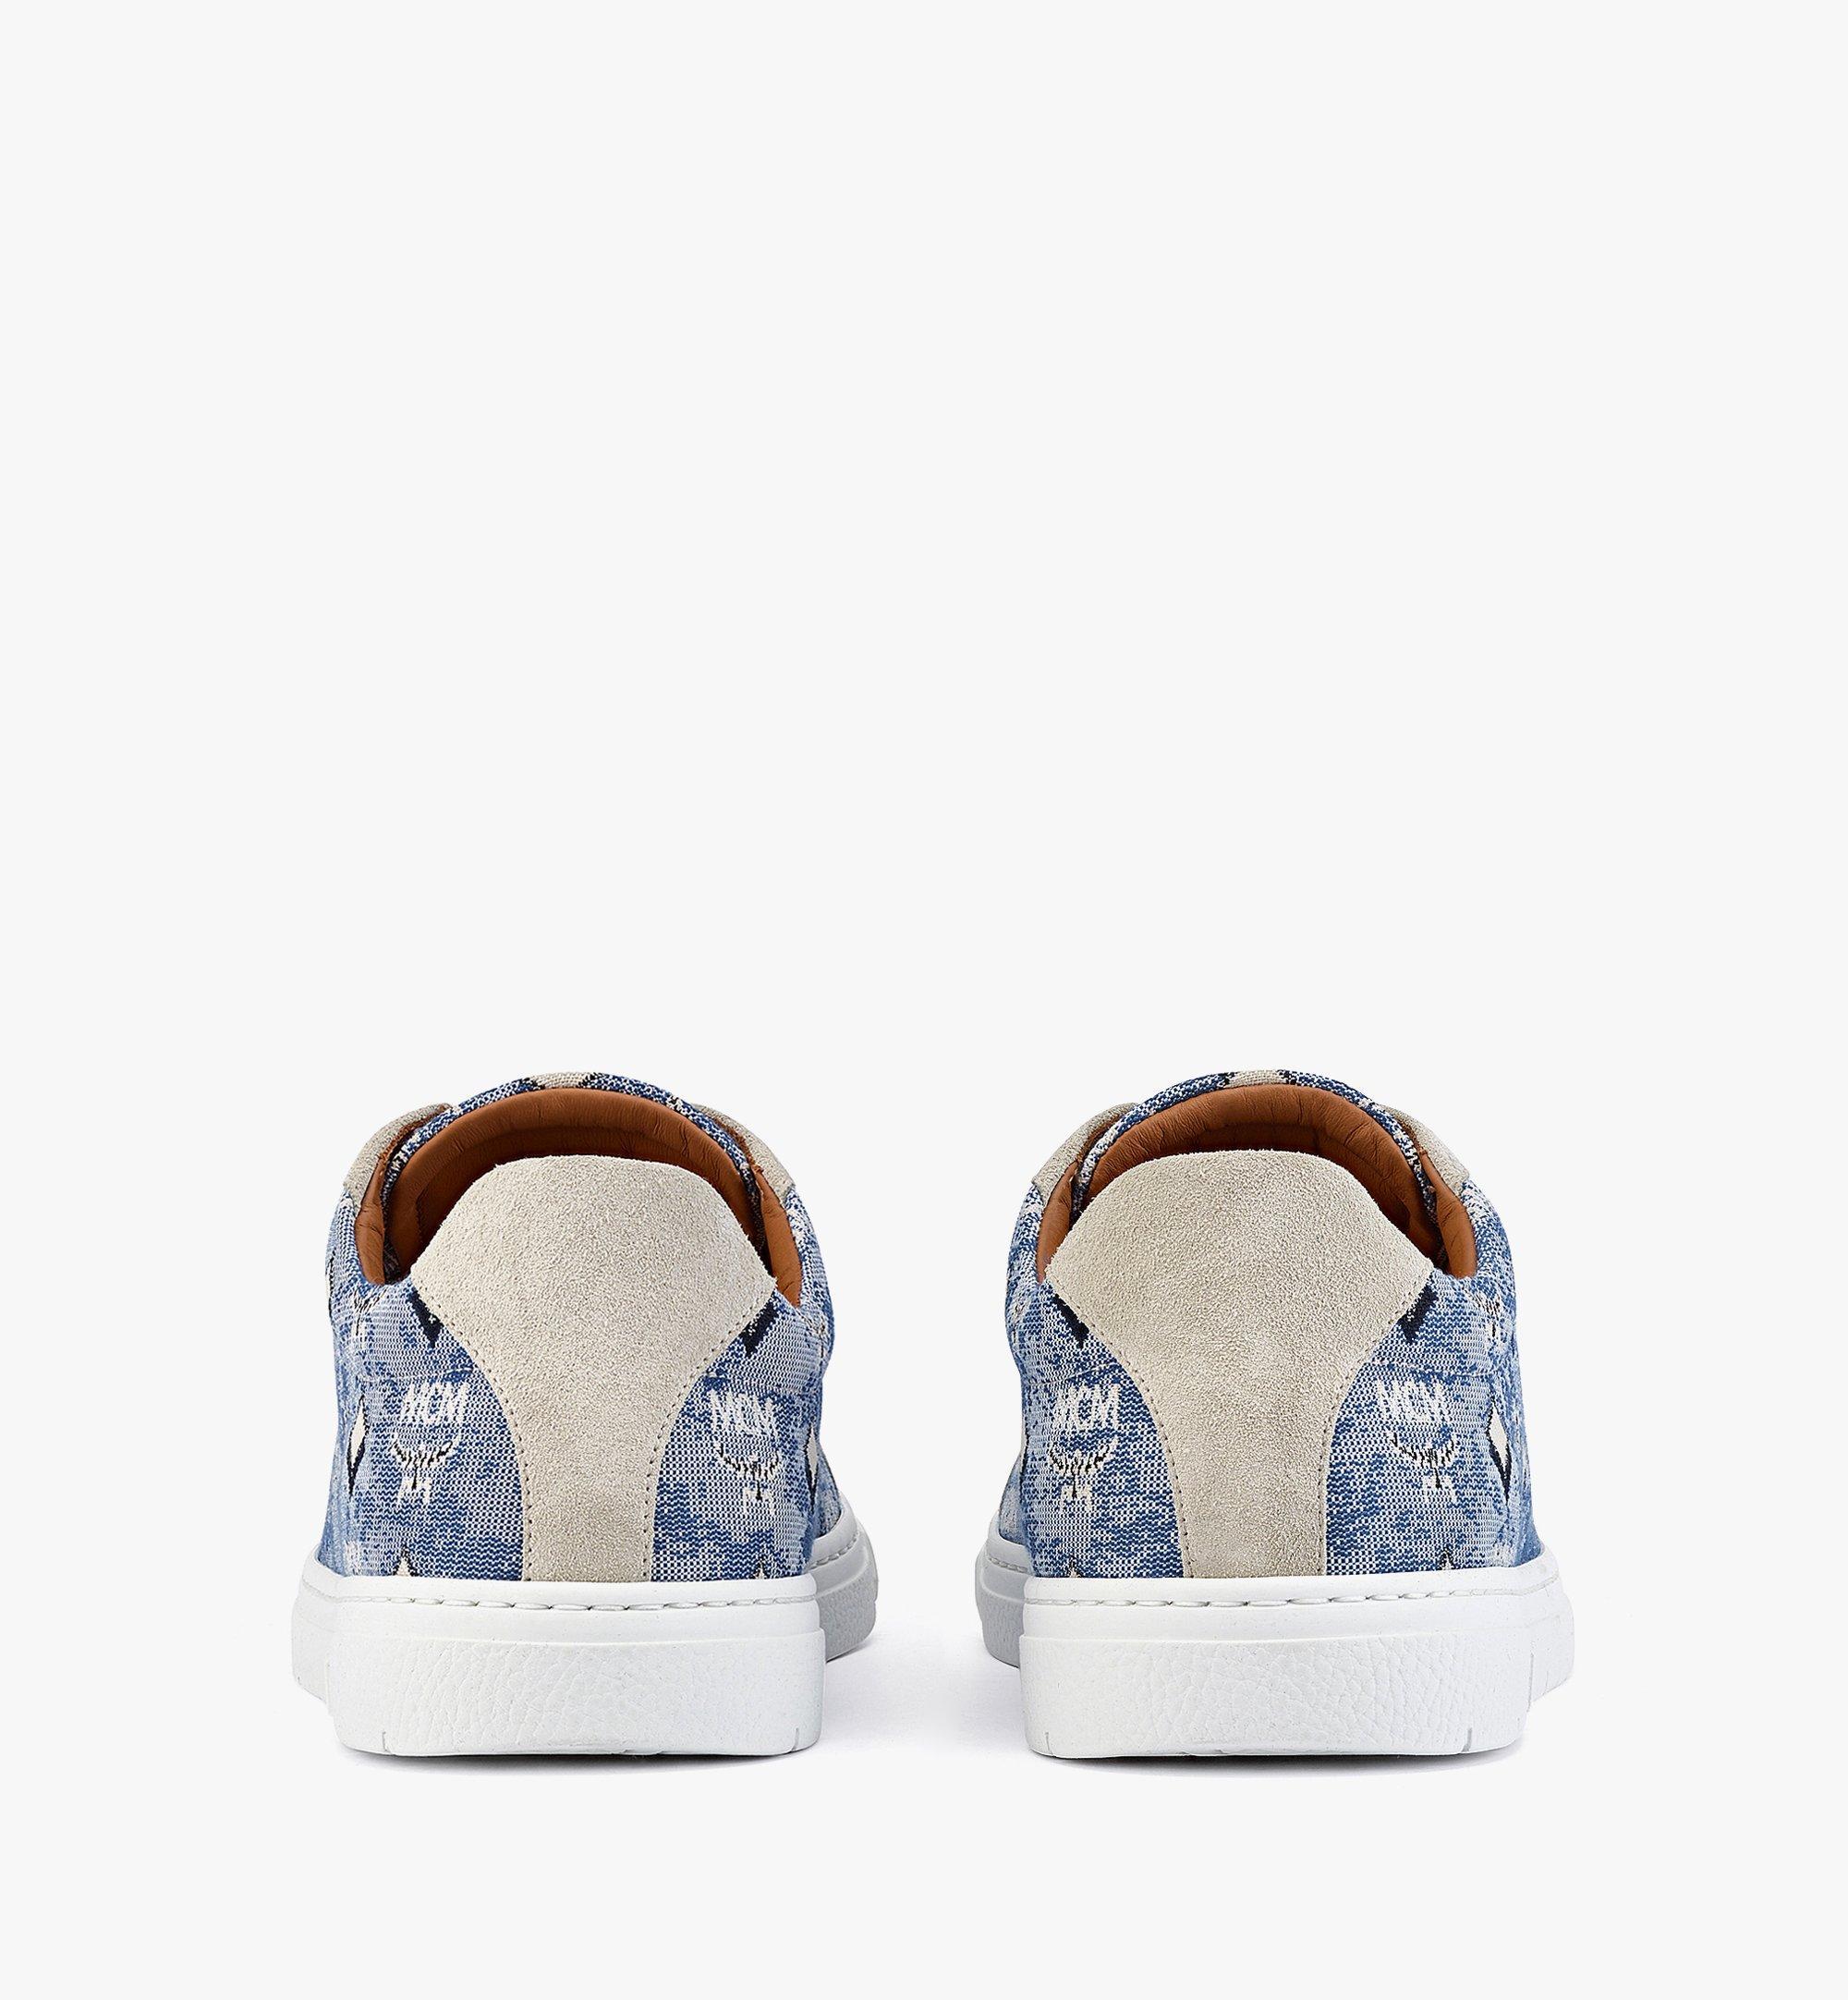 MCM Men's Terrain Lo Sneakers in Vintage Jacquard Monogram Blue MEXBATQ01LU040 Alternate View 2